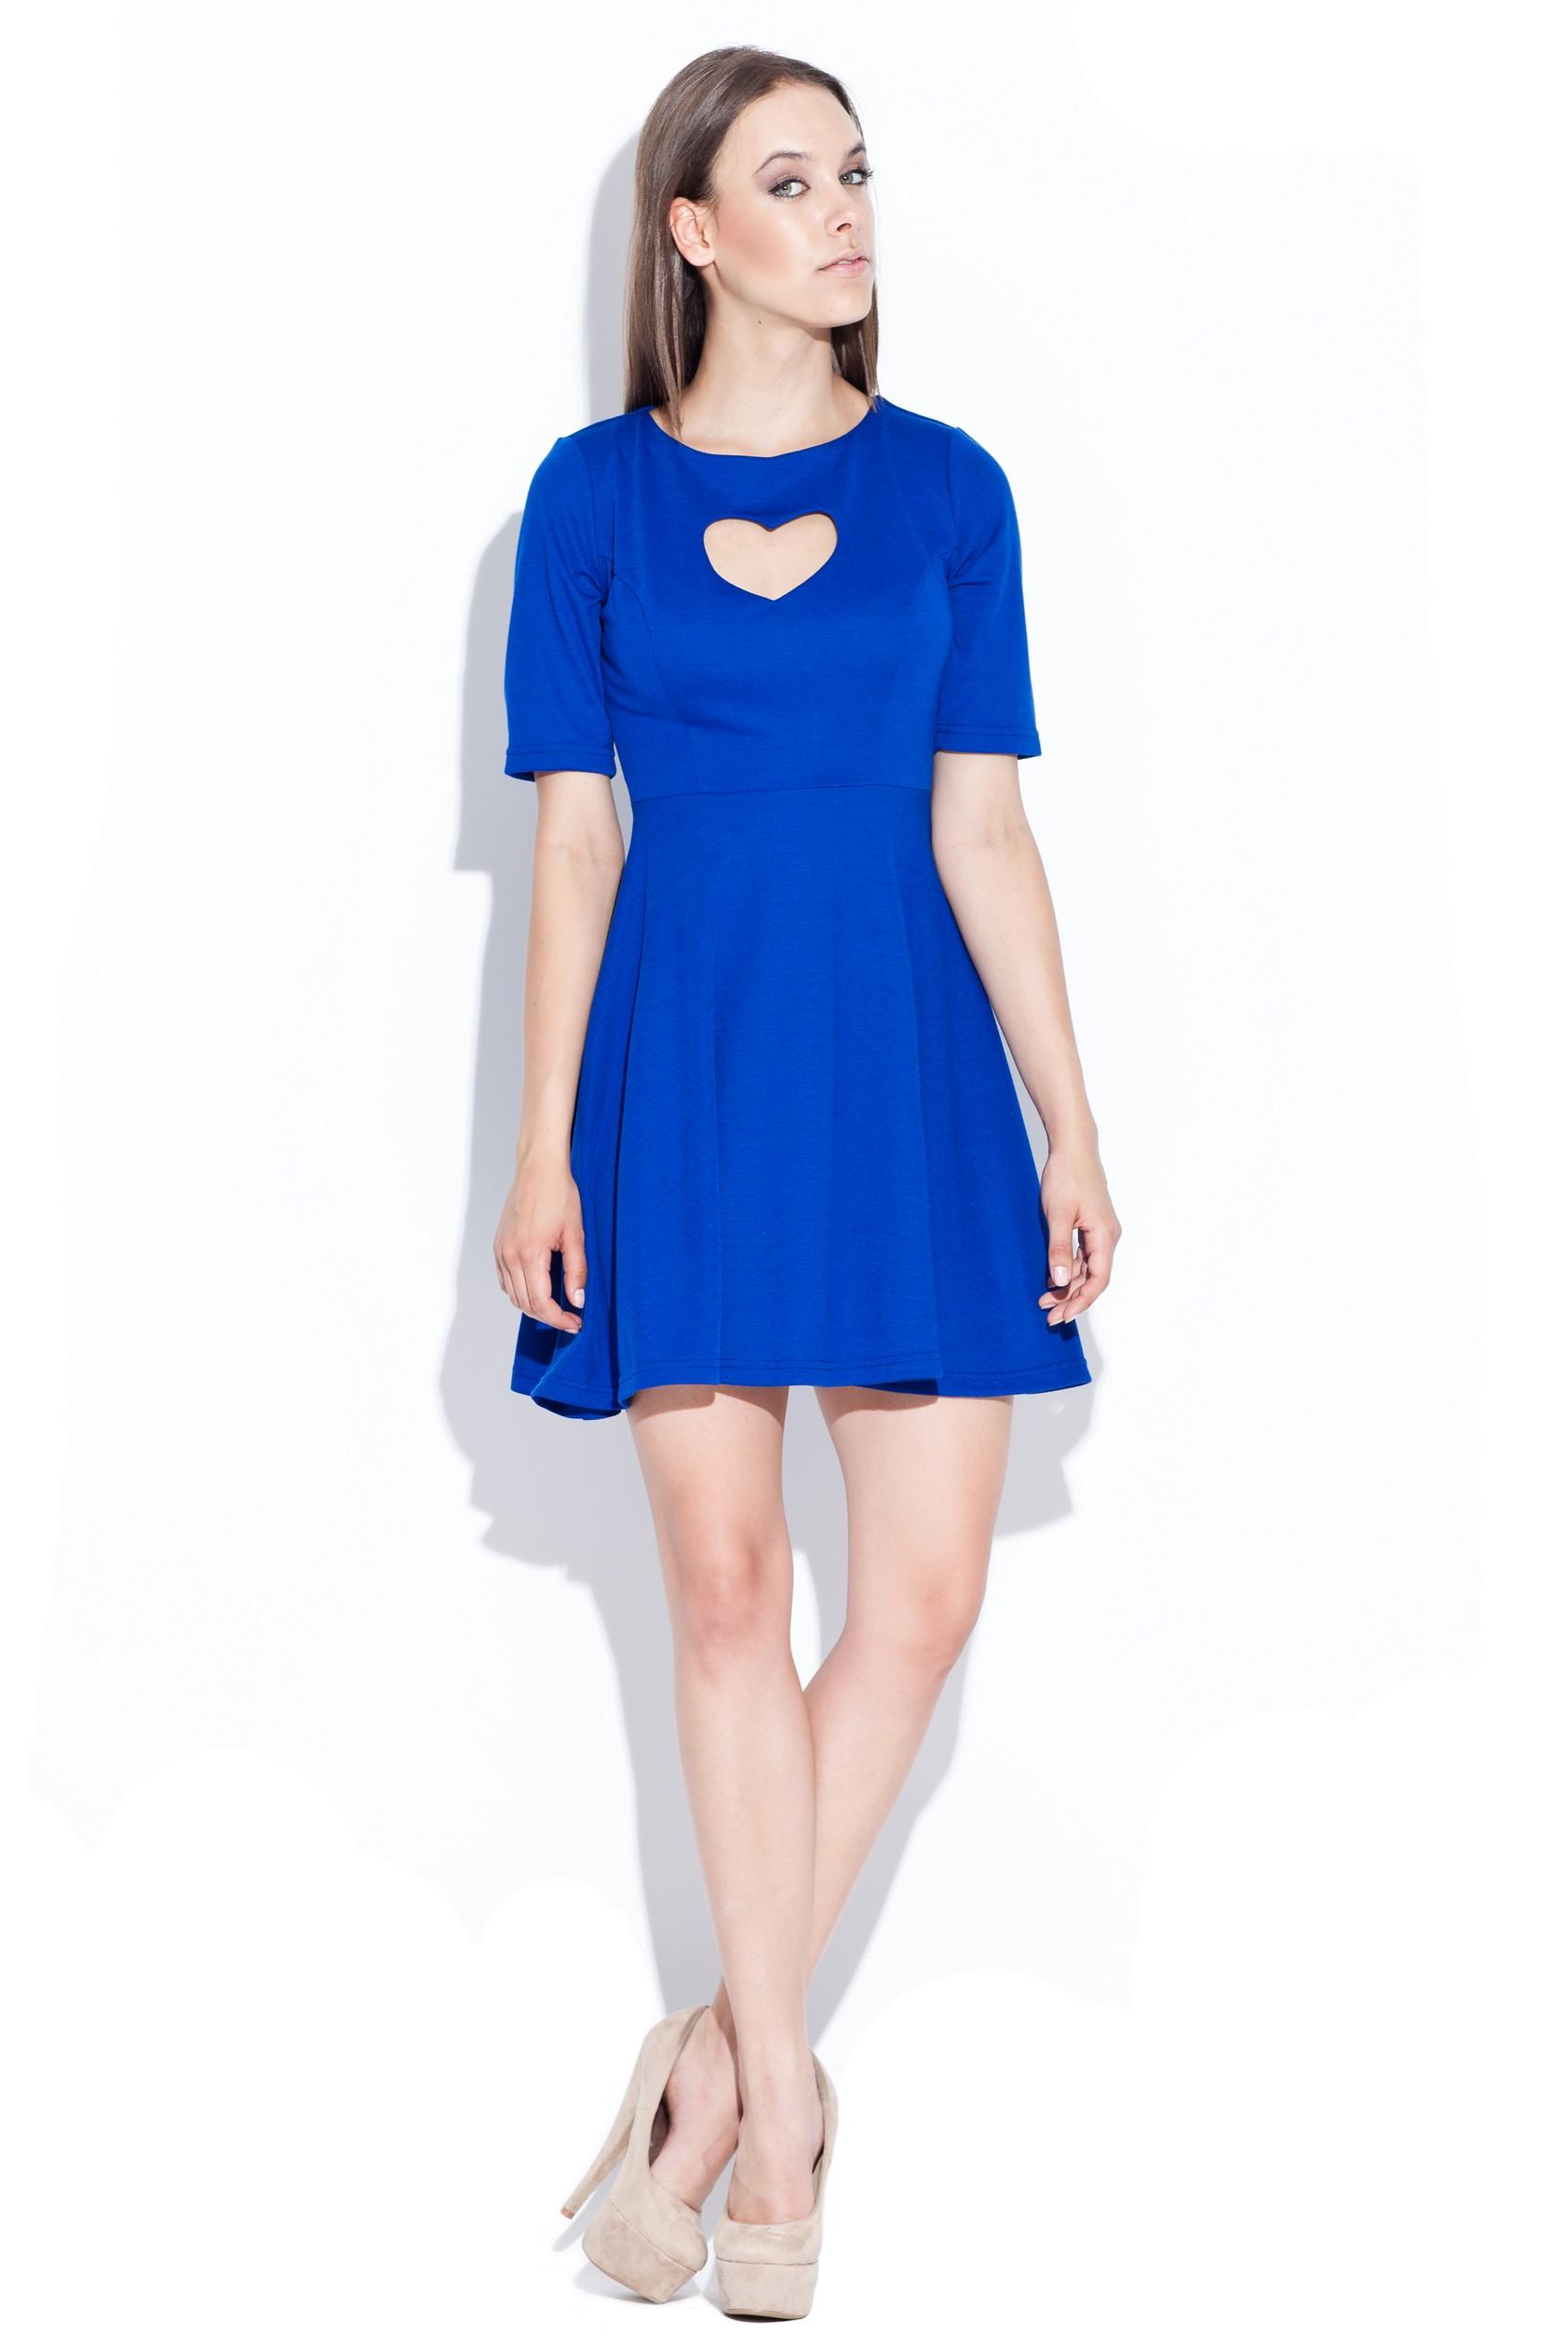 Rochie eleganta albastra cu decupaj in forma de inima